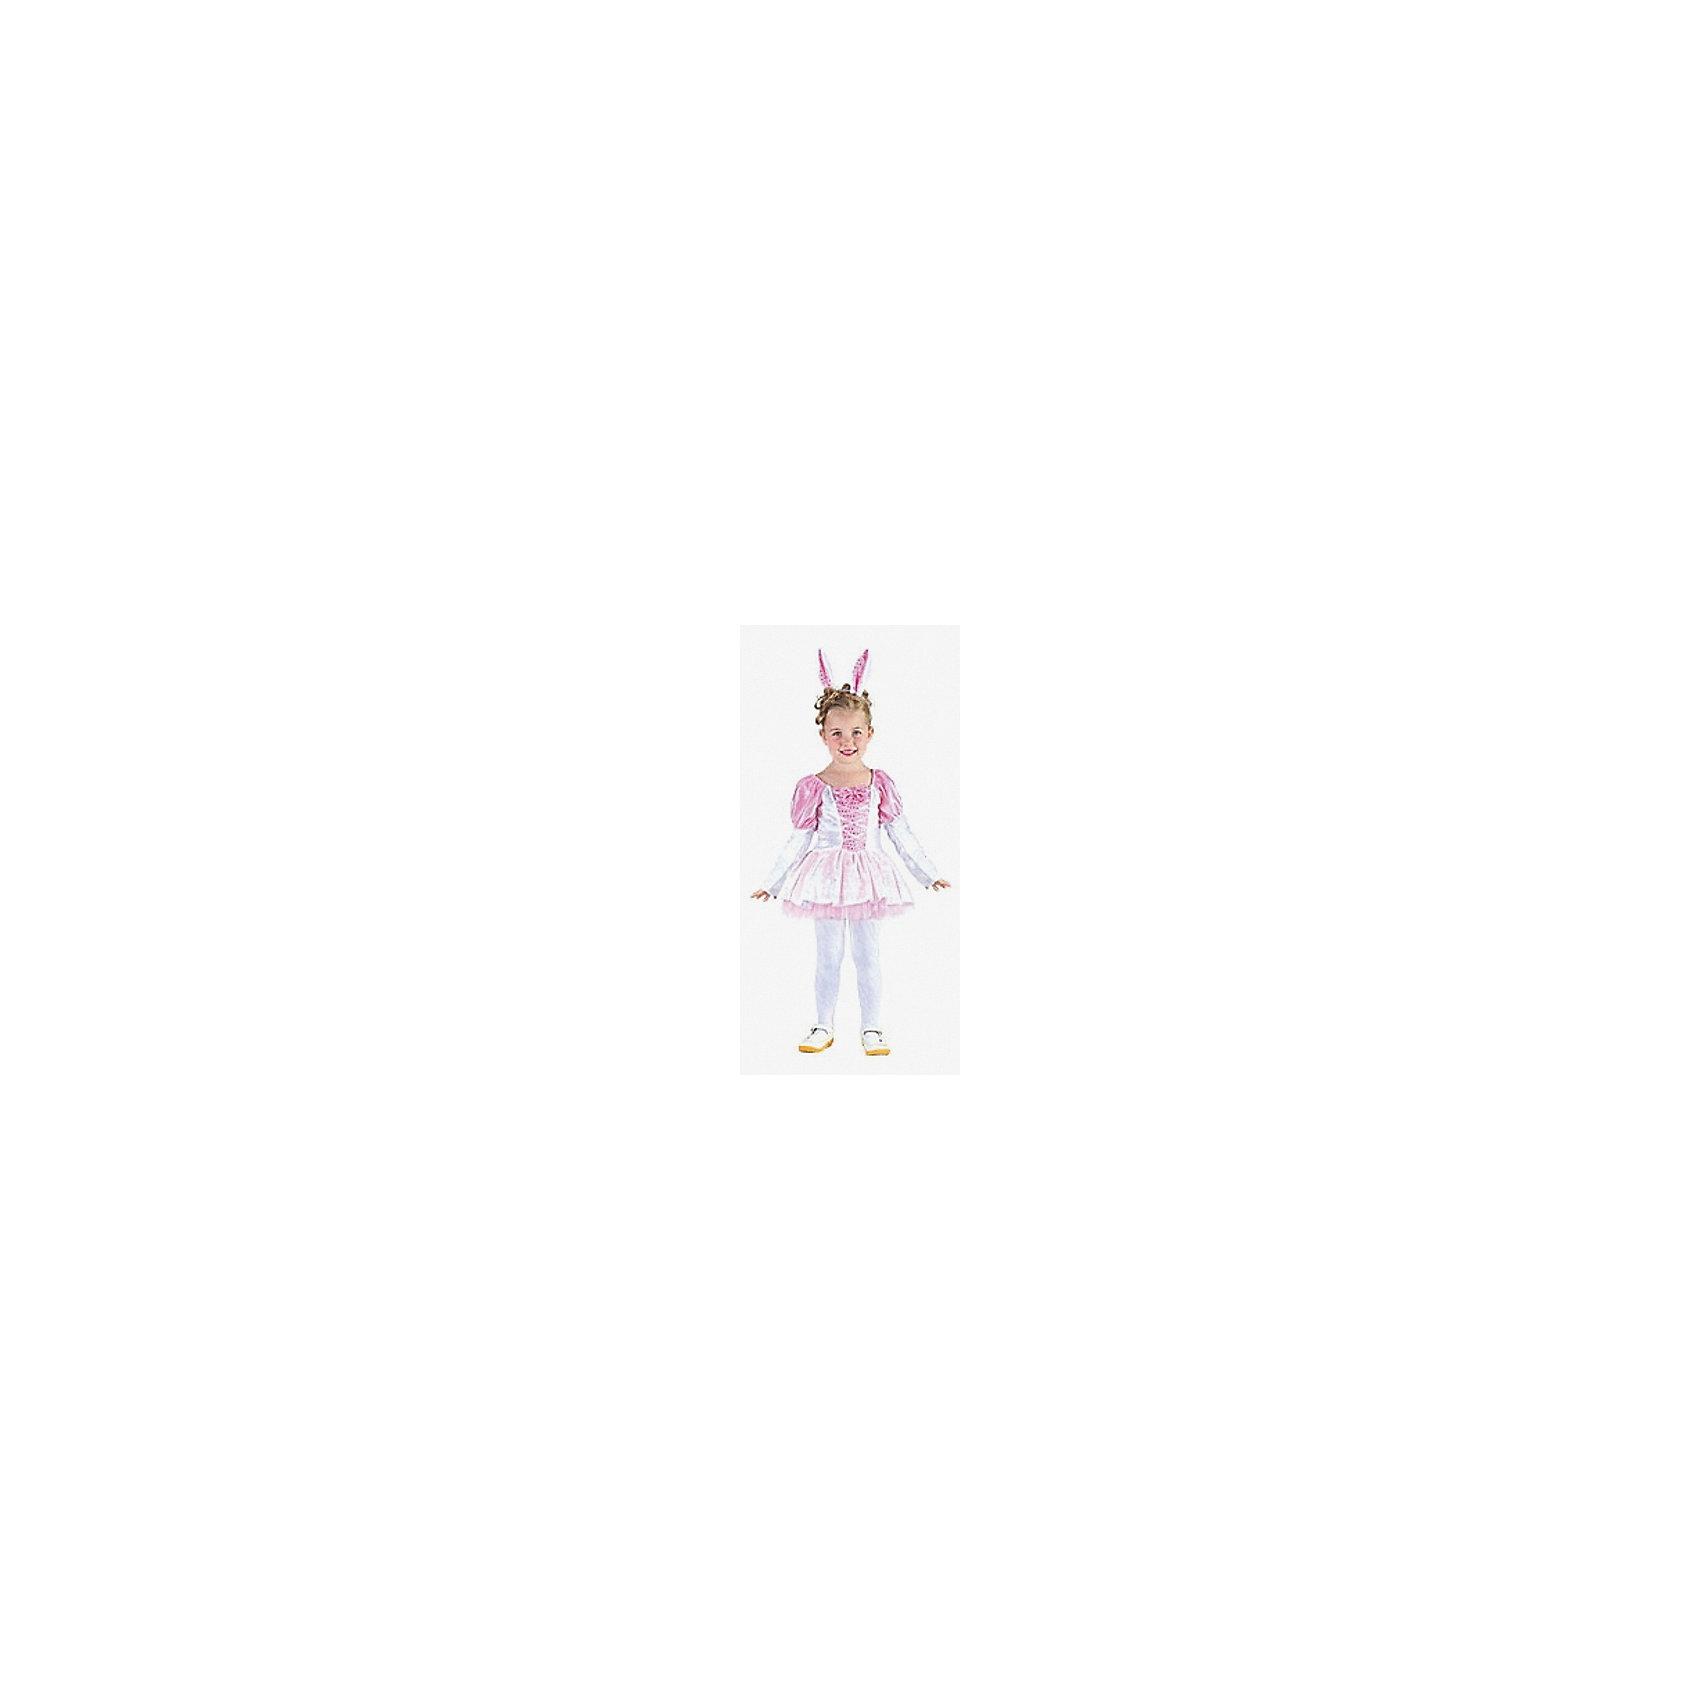 Карнавальный костюм Зайчик, MARKO FERENZOХарактеристики карнавального костюма Зайчик, Marko Ferenzo:<br><br>- пол: для девочек<br>- комплект: платье, ободок.<br>- материал: текстиль, пластик.<br>- размер упаковки: 31 * 24 * 4 см.<br>- упаковка: пакет.<br>- подходящий рост ребенка: 92-104 см.<br>- размер: м.<br><br>Карнавальный костюм для девочек Зайчик - это роскошное платьице нежного розового цвета и ободок с милыми заячьими ушками. Нарядившись в такую красоту, девочка обязательно понравится всем присутствующим, ведь забавнее зайчика сложно будет представить. Костюм подойдет для самых разных праздников, будь то утренник, карнавал, день рождения или любой другой.<br>Платье сделано из текстиля, который приятен на ощупь и не вызывает дискомфорта.<br><br>Карнавальный костюм Зайчик торговой марки Marko Ferenzo можно купить в нашем интернет-магазине.<br><br>Ширина мм: 450<br>Глубина мм: 500<br>Высота мм: 30<br>Вес г: 7<br>Возраст от месяцев: 36<br>Возраст до месяцев: 96<br>Пол: Женский<br>Возраст: Детский<br>SKU: 5105637